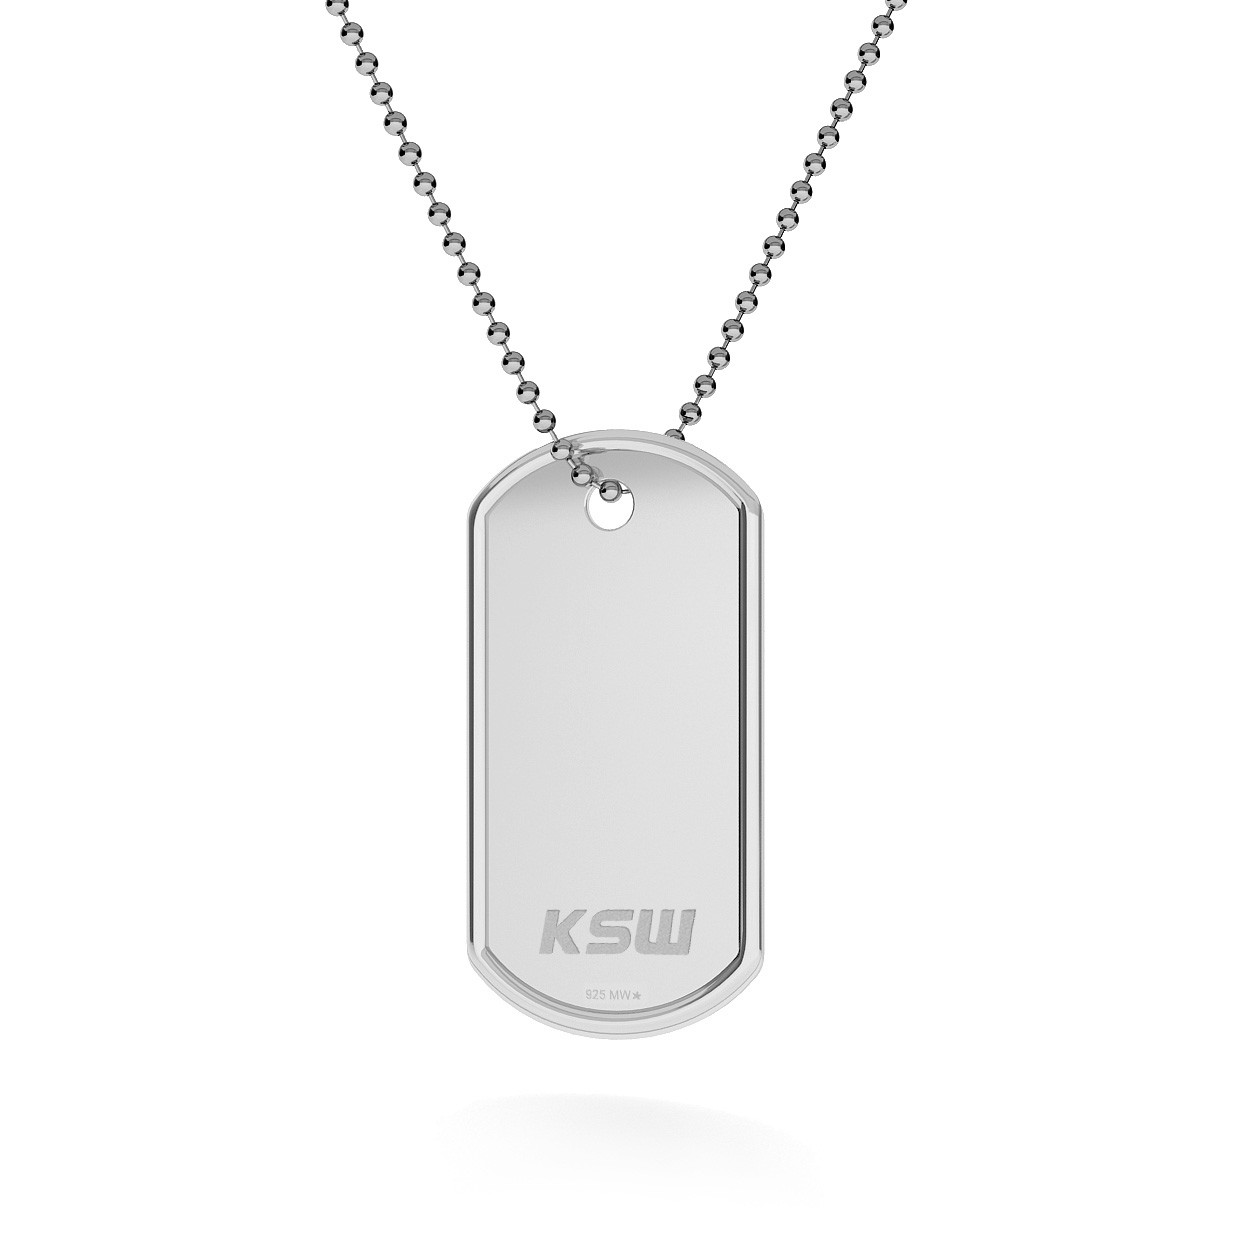 Srebrny nieśmiertelnik naszyjnik z logo KSW, łańcuch kulkowy, srebro 925